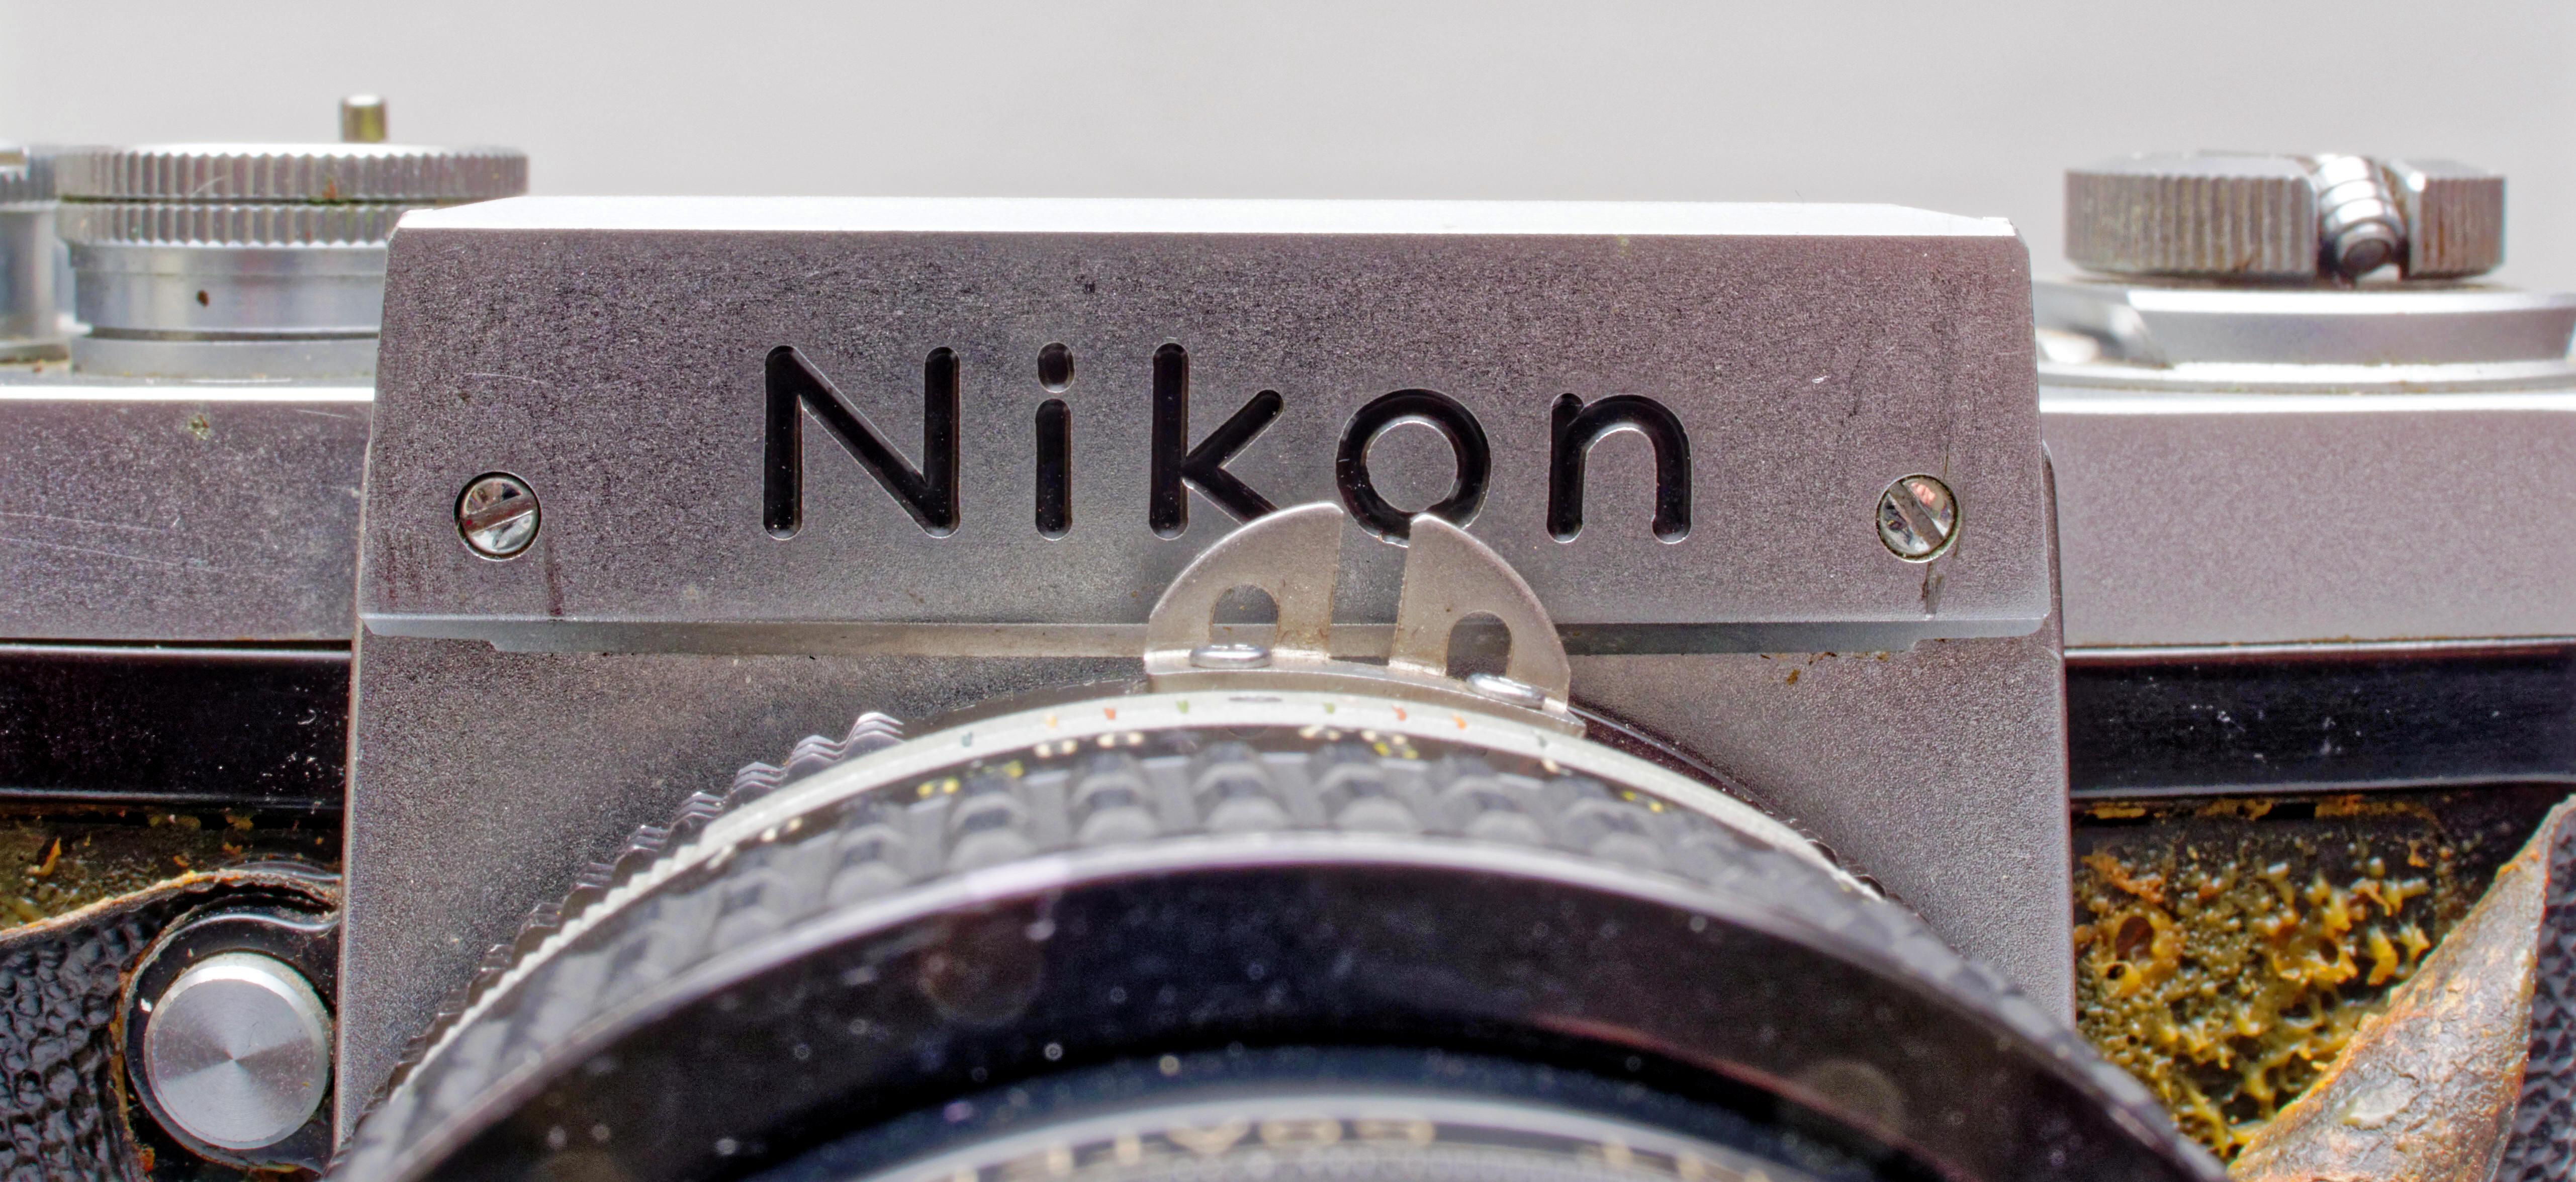 Nikon-F-detail-5.jpeg